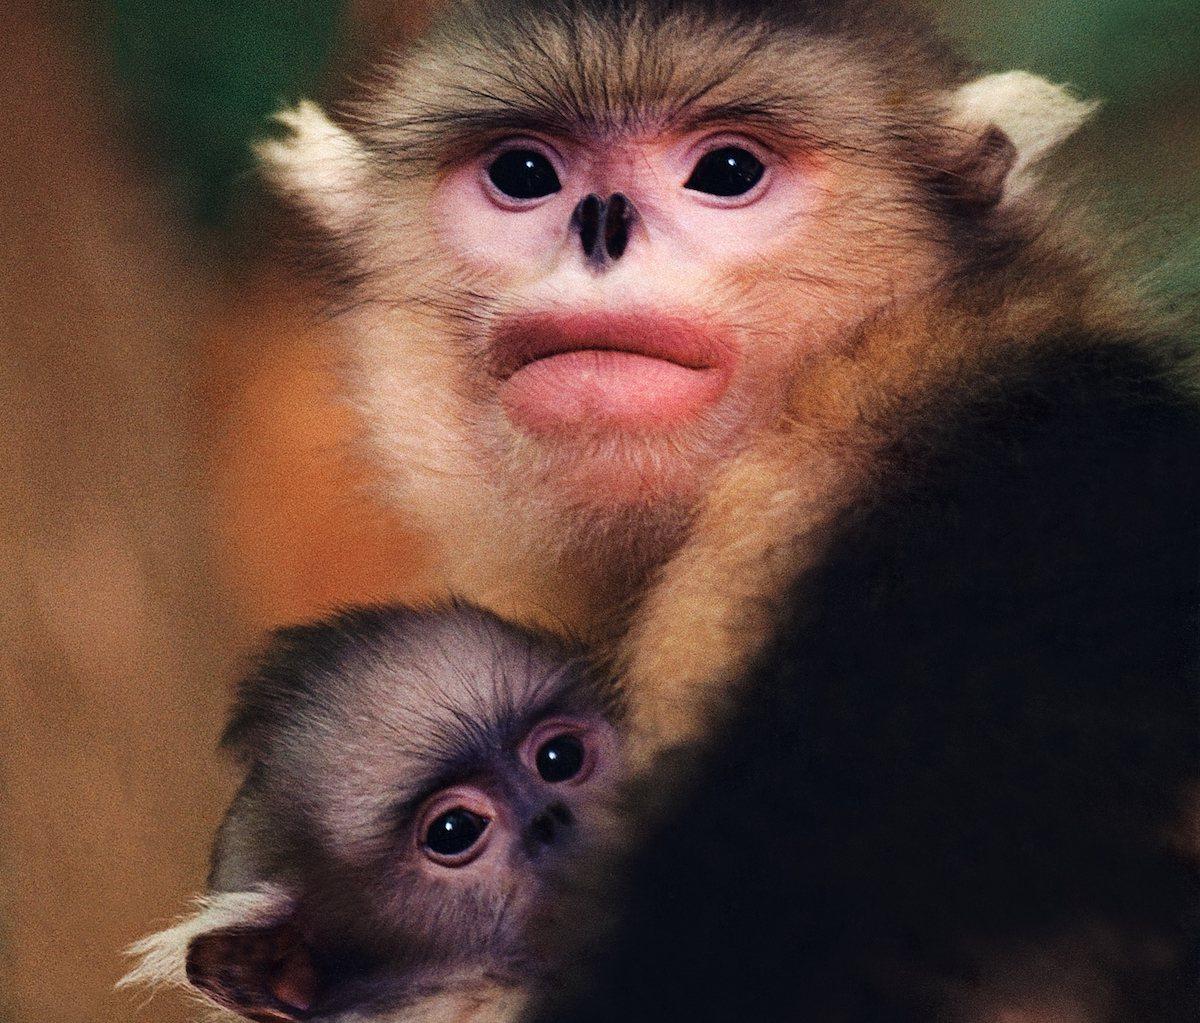 摄于 1995 年的滇金丝猴照片《母与子》。© 奚志农/野性中国